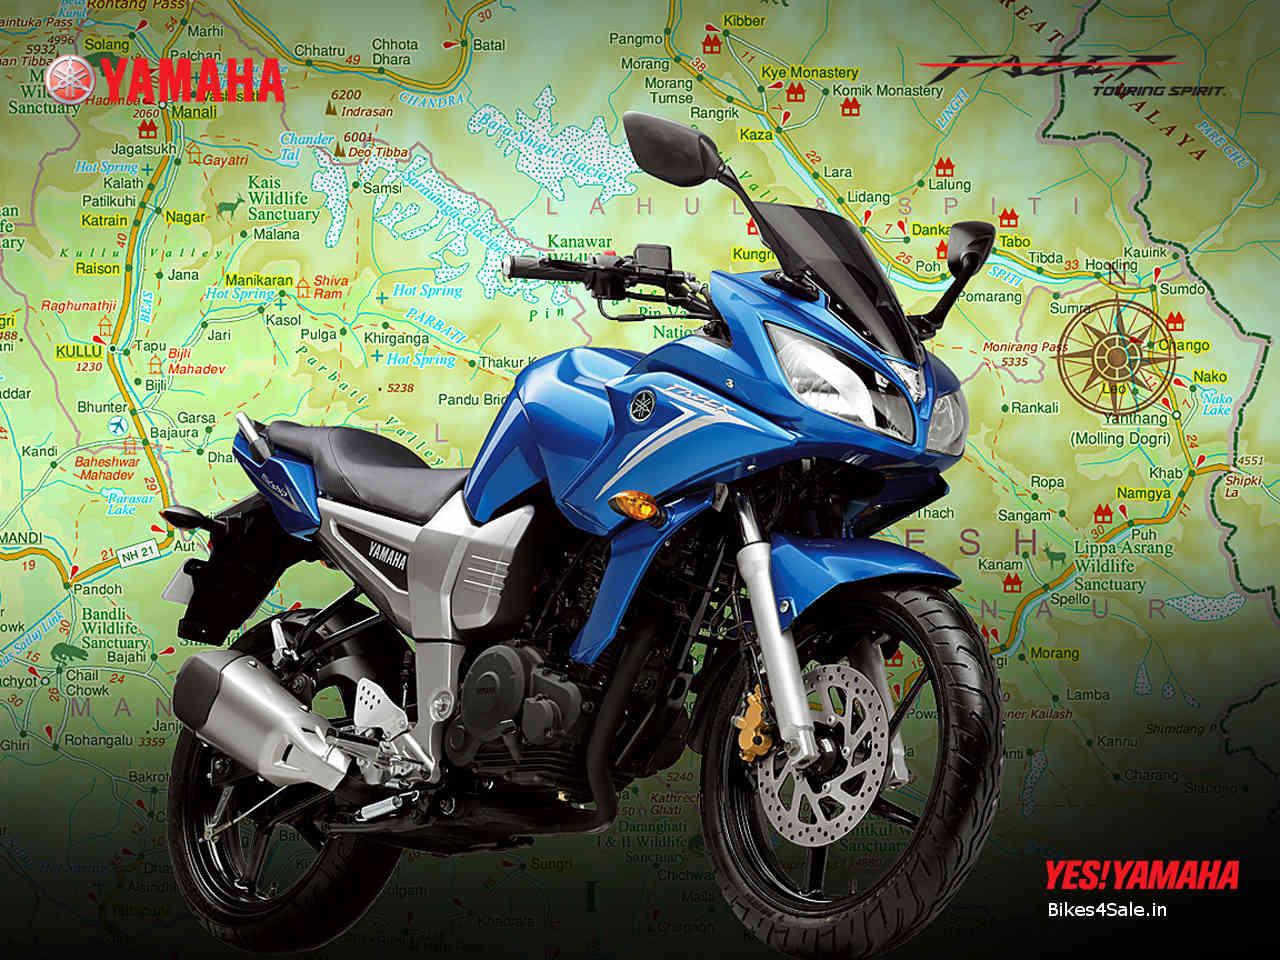 Yamaha Fazer 150 WallpapersYamaha Fazer Bike Price